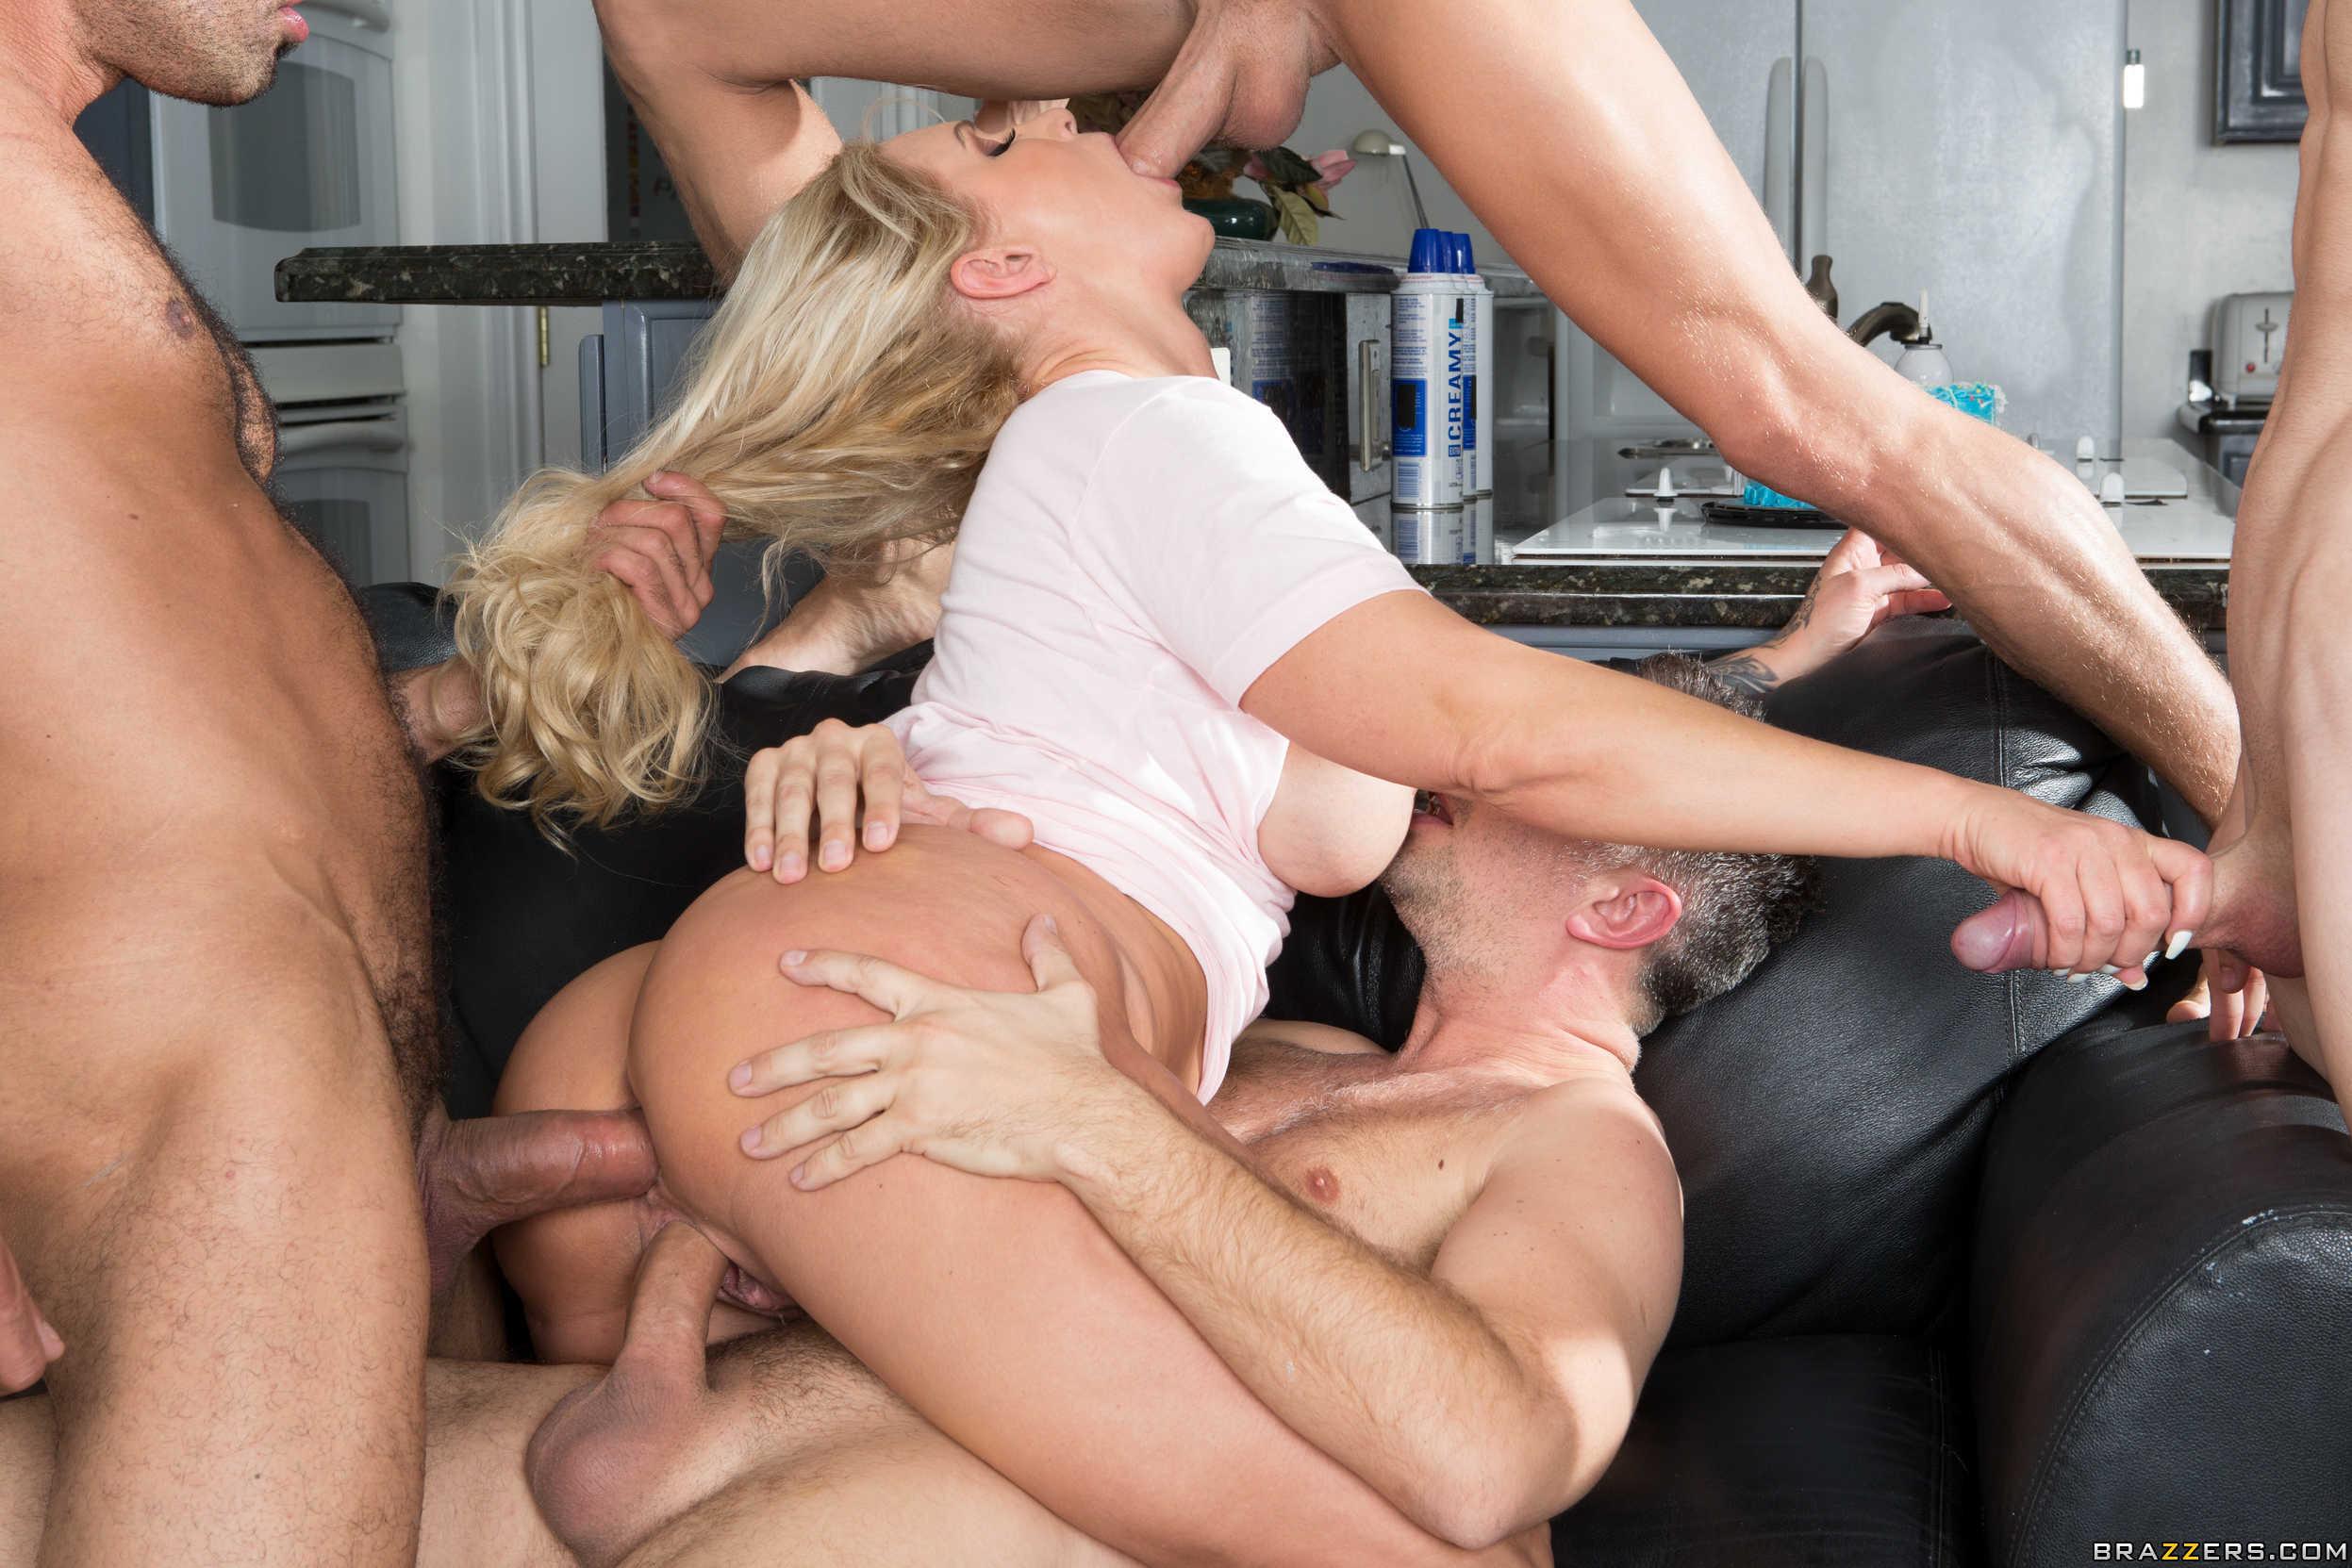 С большими сиськами в груповухи, Групповой секс. Групповуха 1 фотография